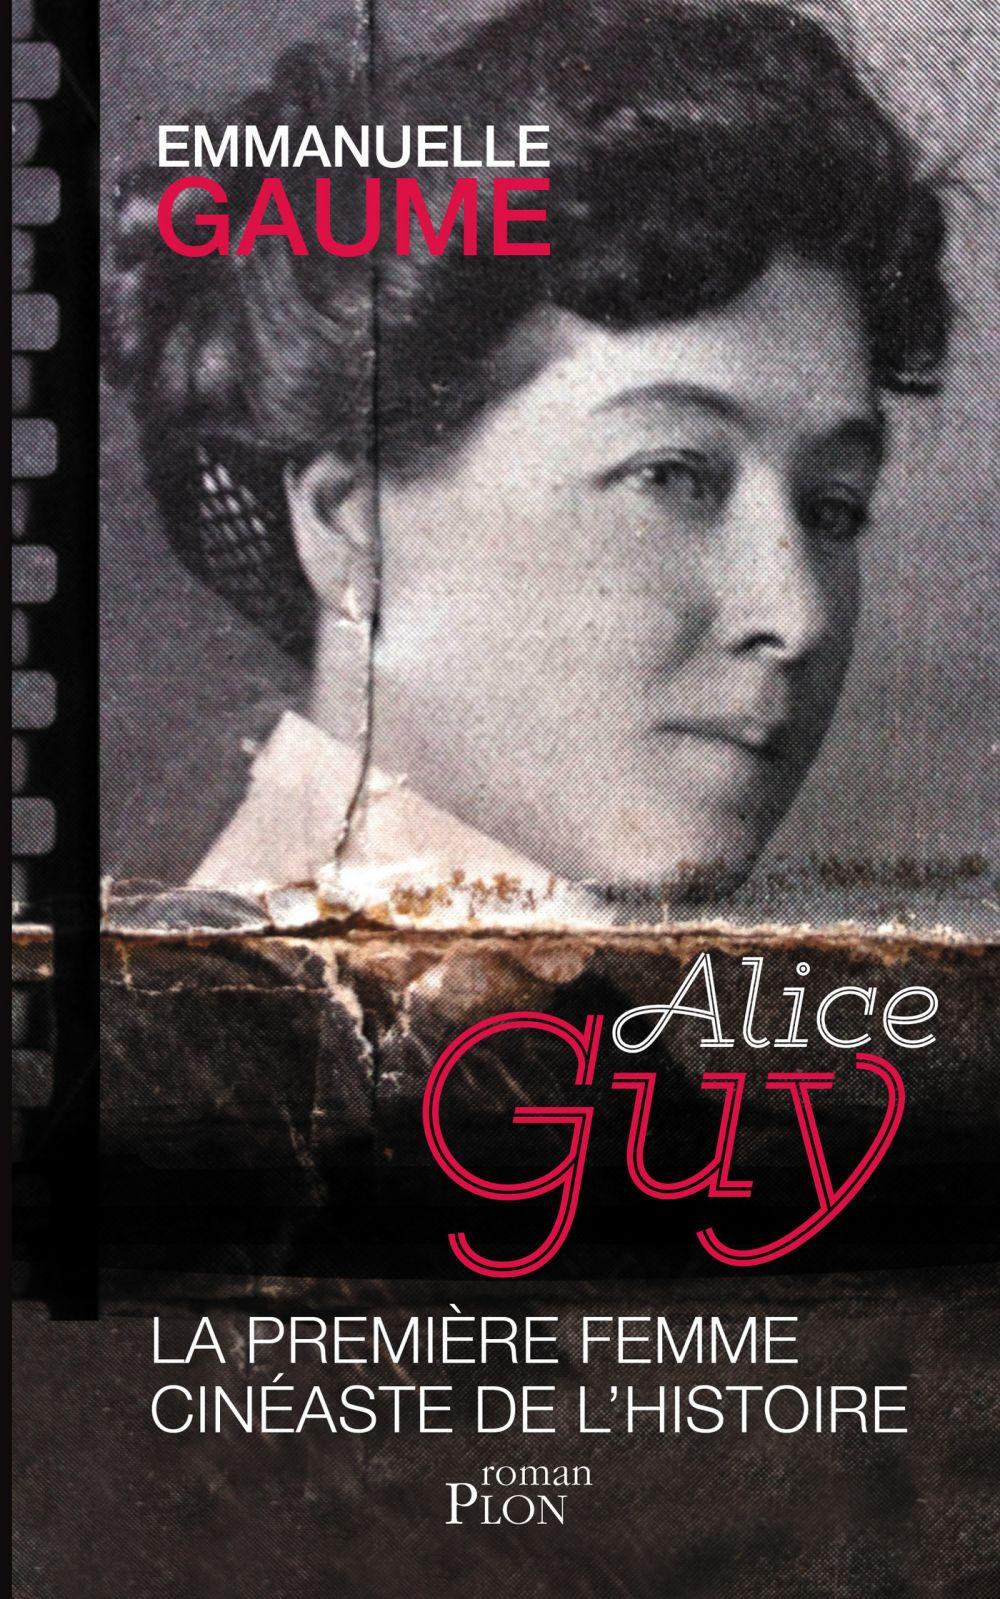 Alice Guy, la première femme cinéaste de l'histoire | Gaume, Emmanuelle (1968-....). Auteur